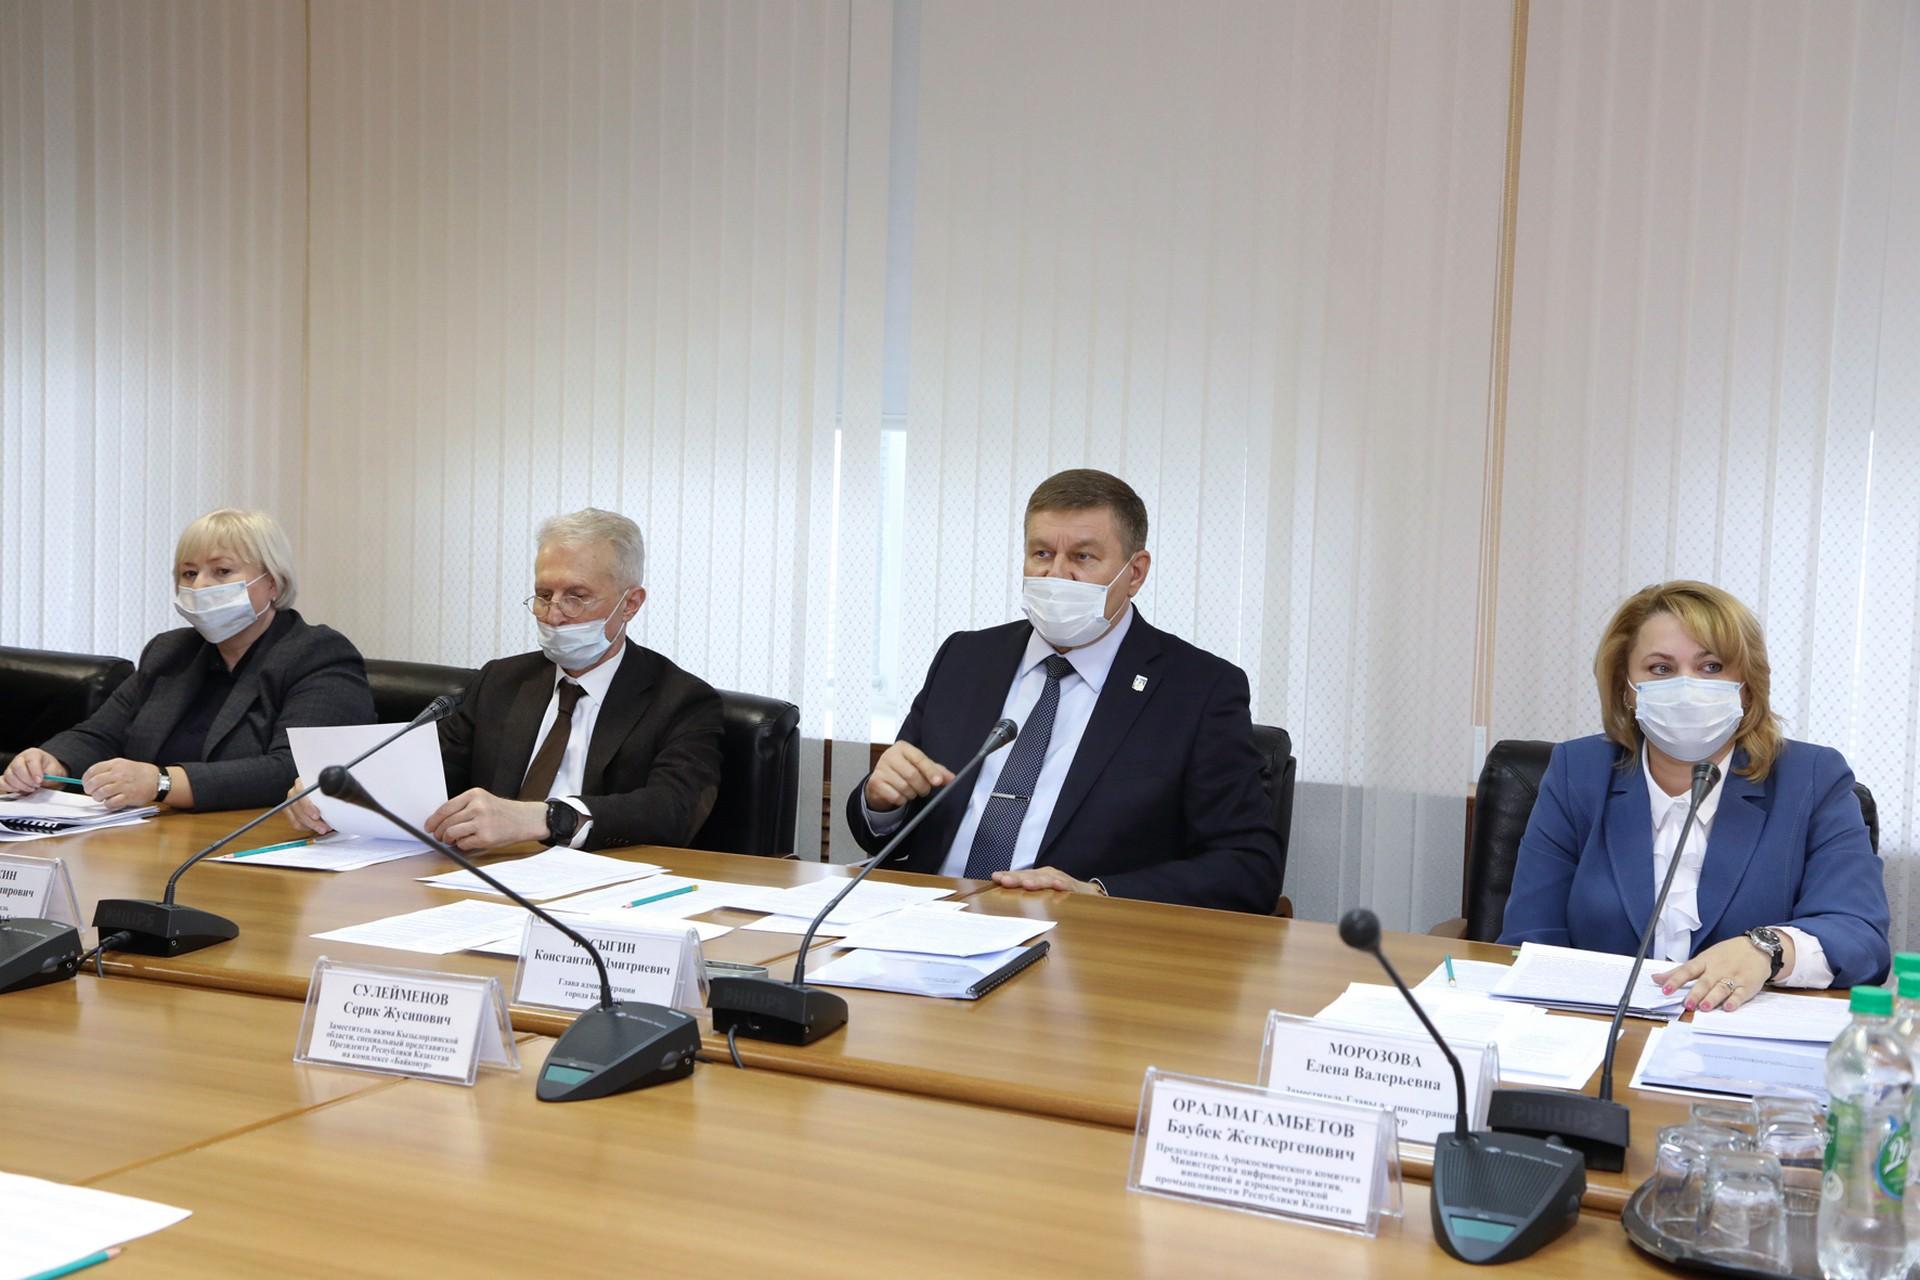 Состоялась рабочая встреча по реализации Долгосрочной программы развития города Байконура.